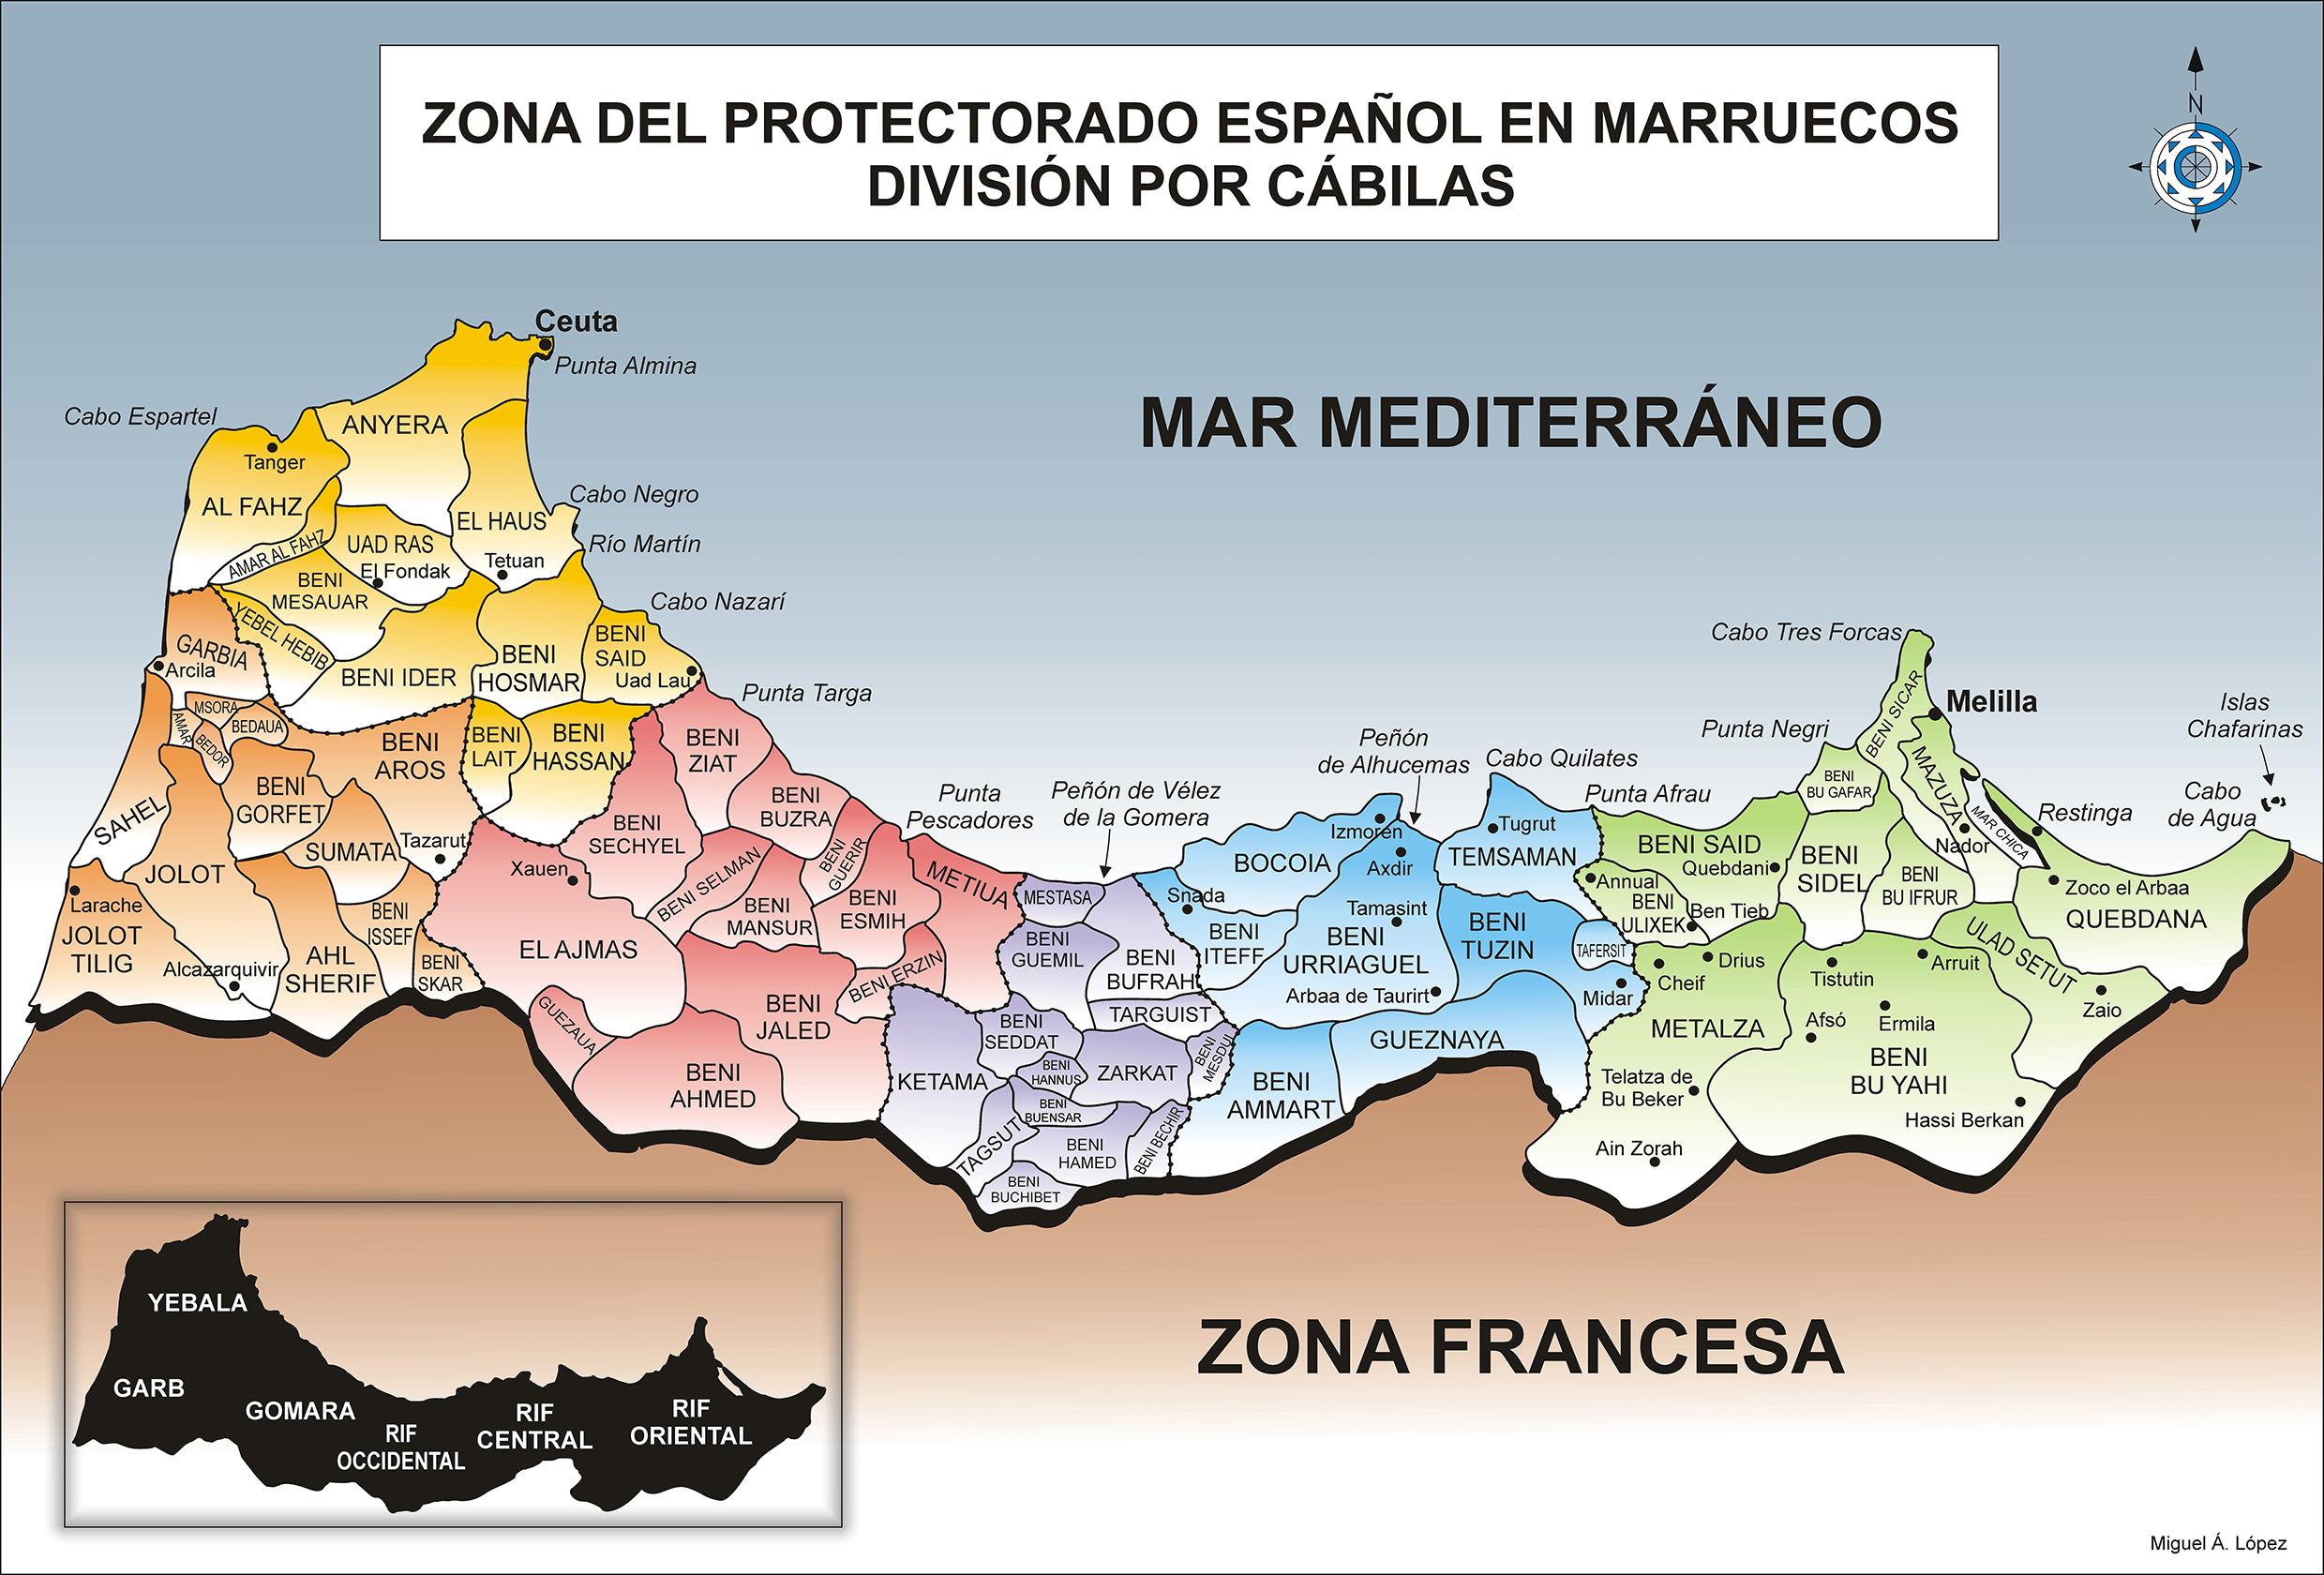 Mapa que muestra las cábilas del protectorado español en Marruecos